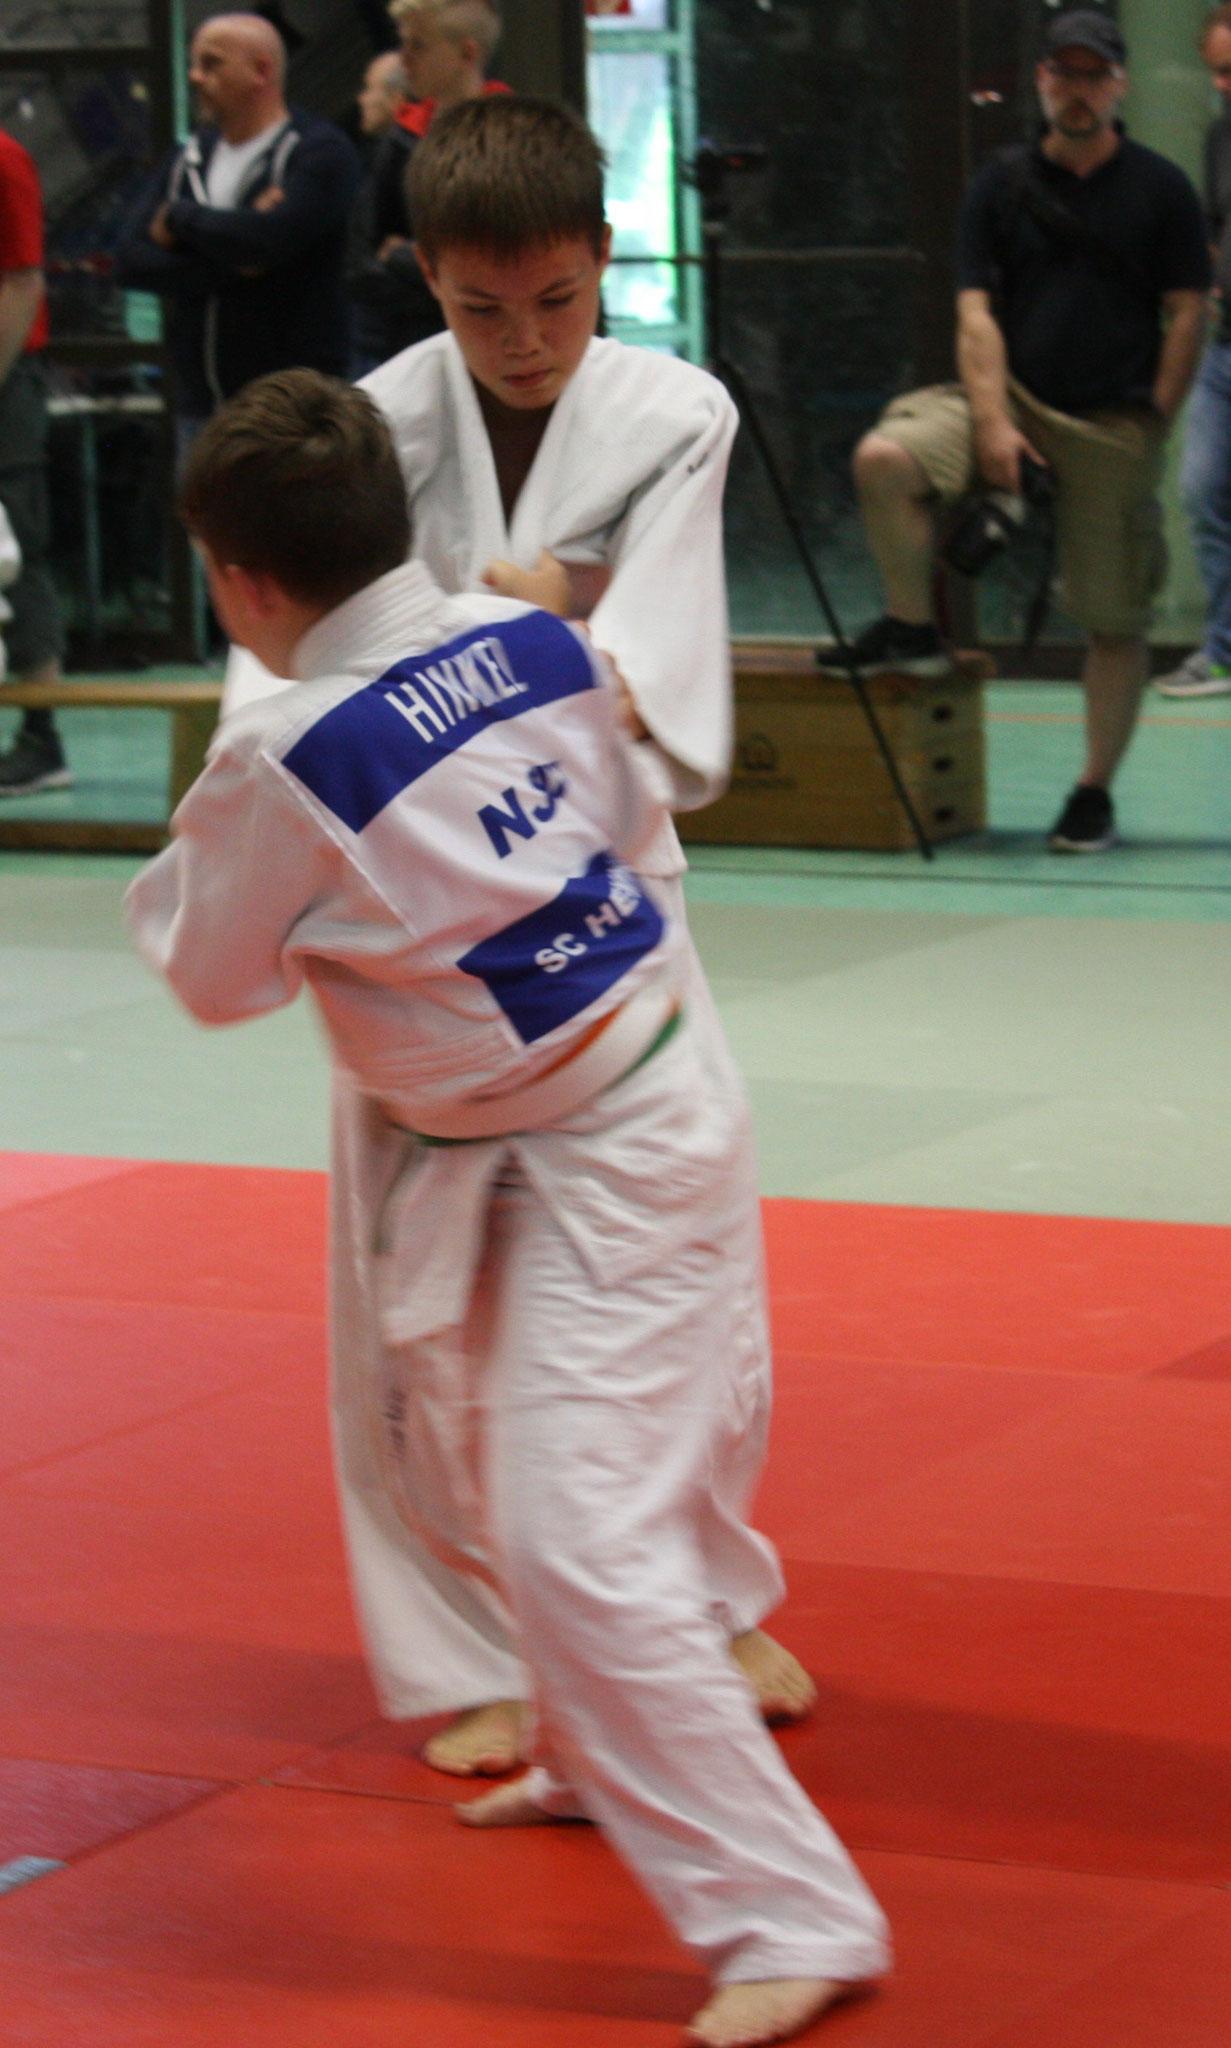 Andreas Hinkel versucht den Gegner in Wurfposition zu bringen.